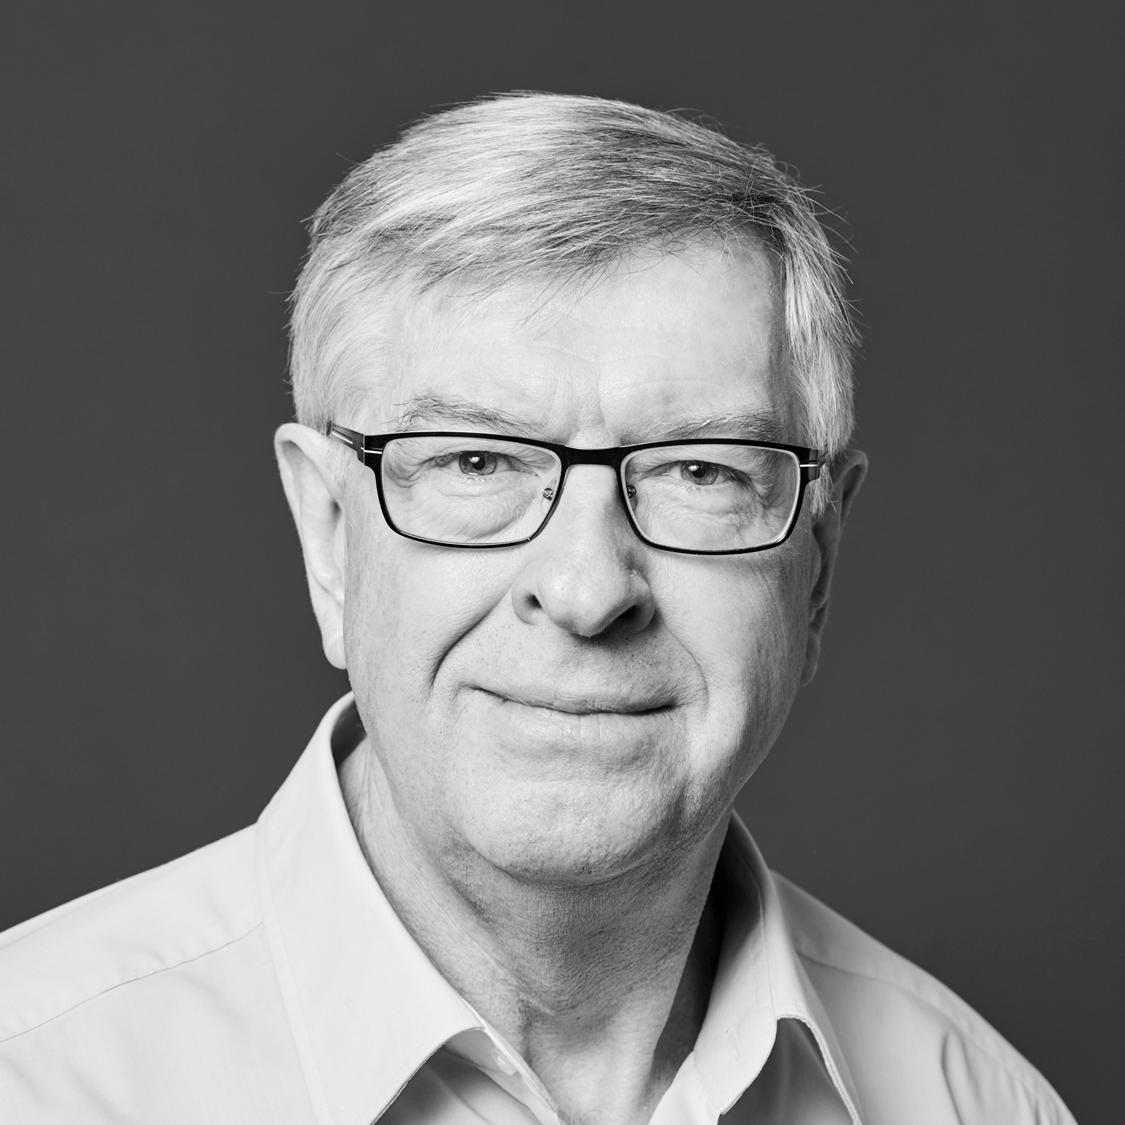 Ove Knutsen